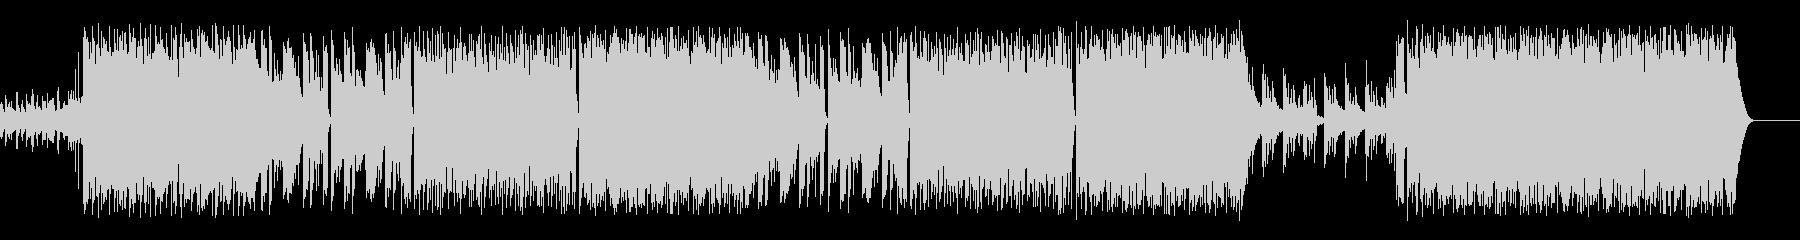 ギター/ヒップホップ/動画/弦楽器/2の未再生の波形